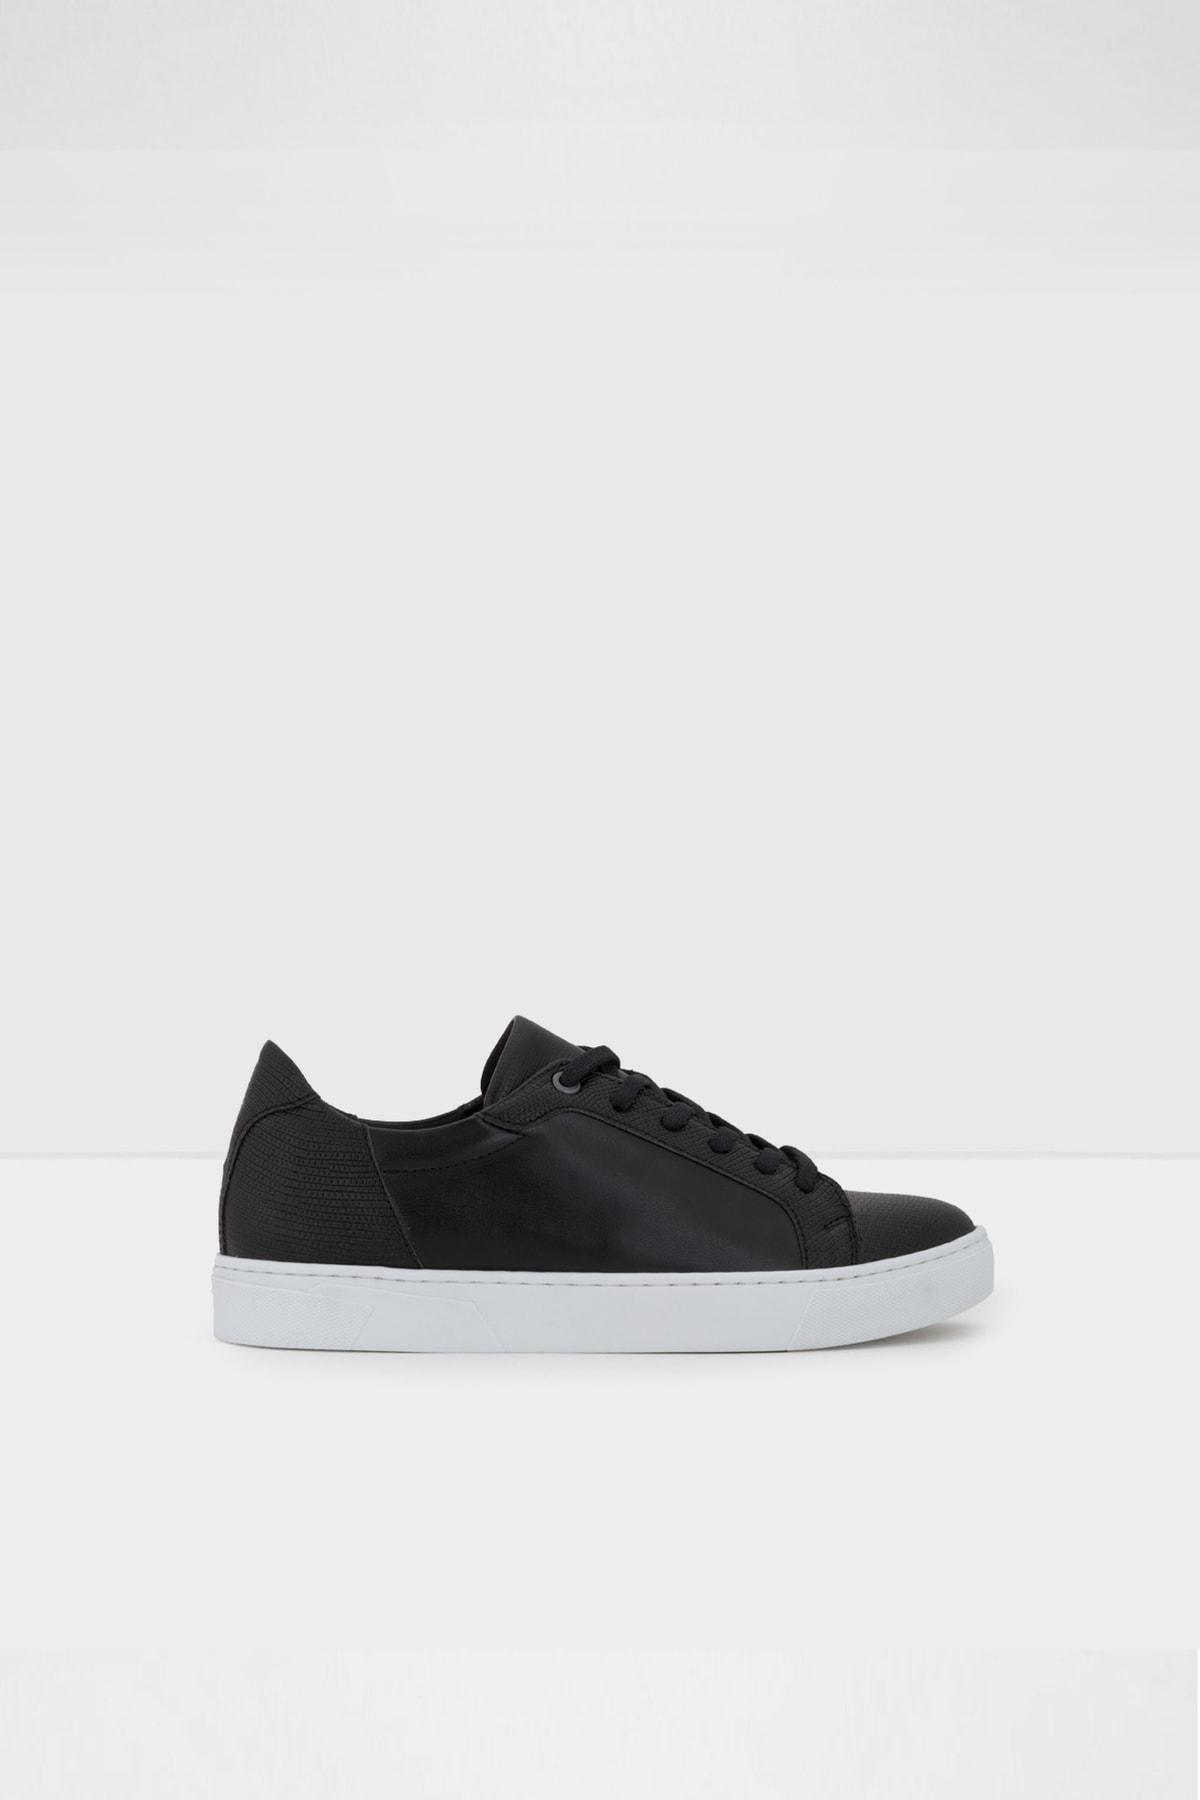 Aldo Kadın Siyah Metına Sneaker Ayakkabı 1